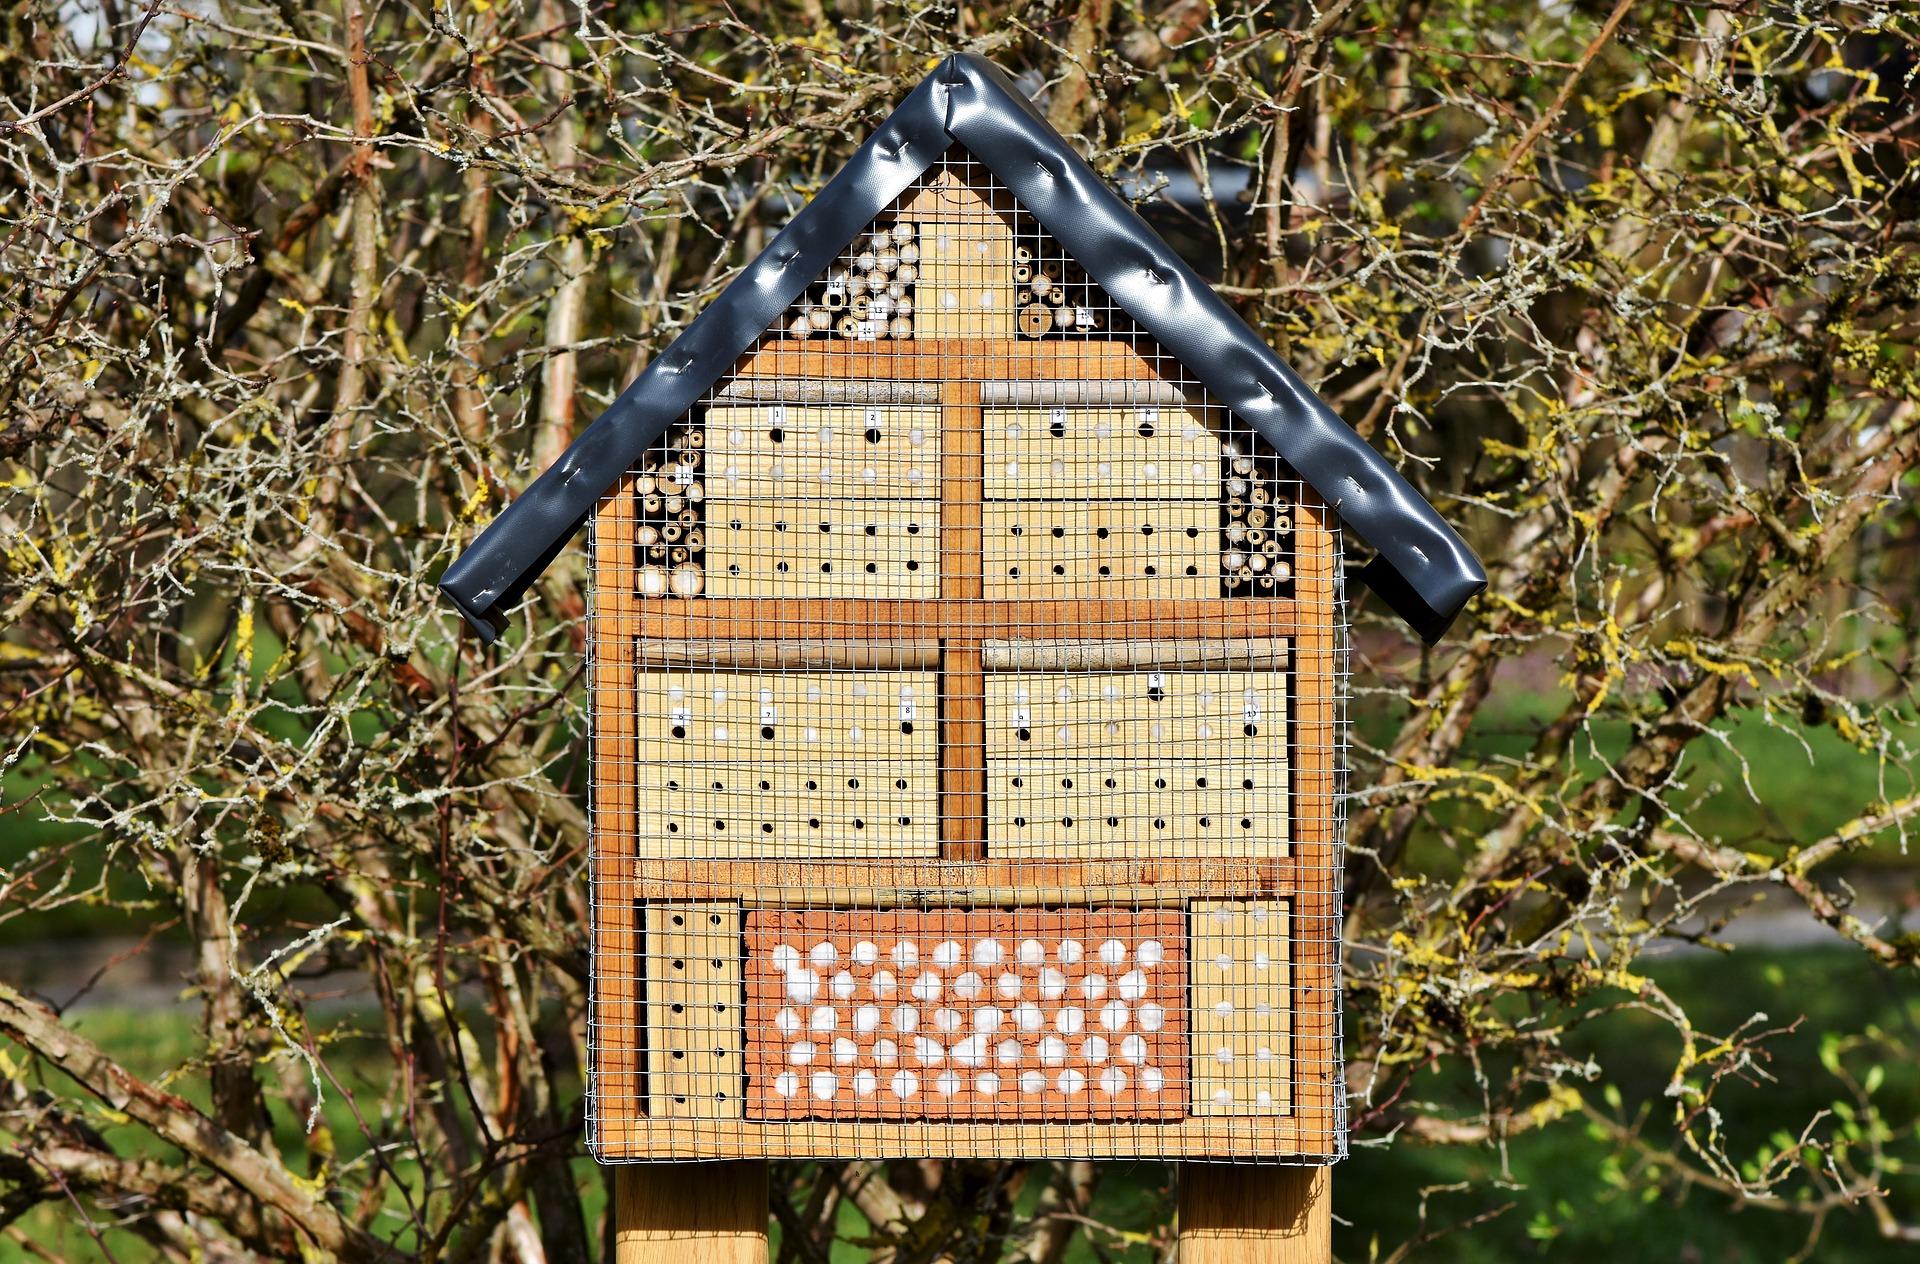 Hotel A Insecte Fabrication fabrication d'un hôtel à insectes | schilliger